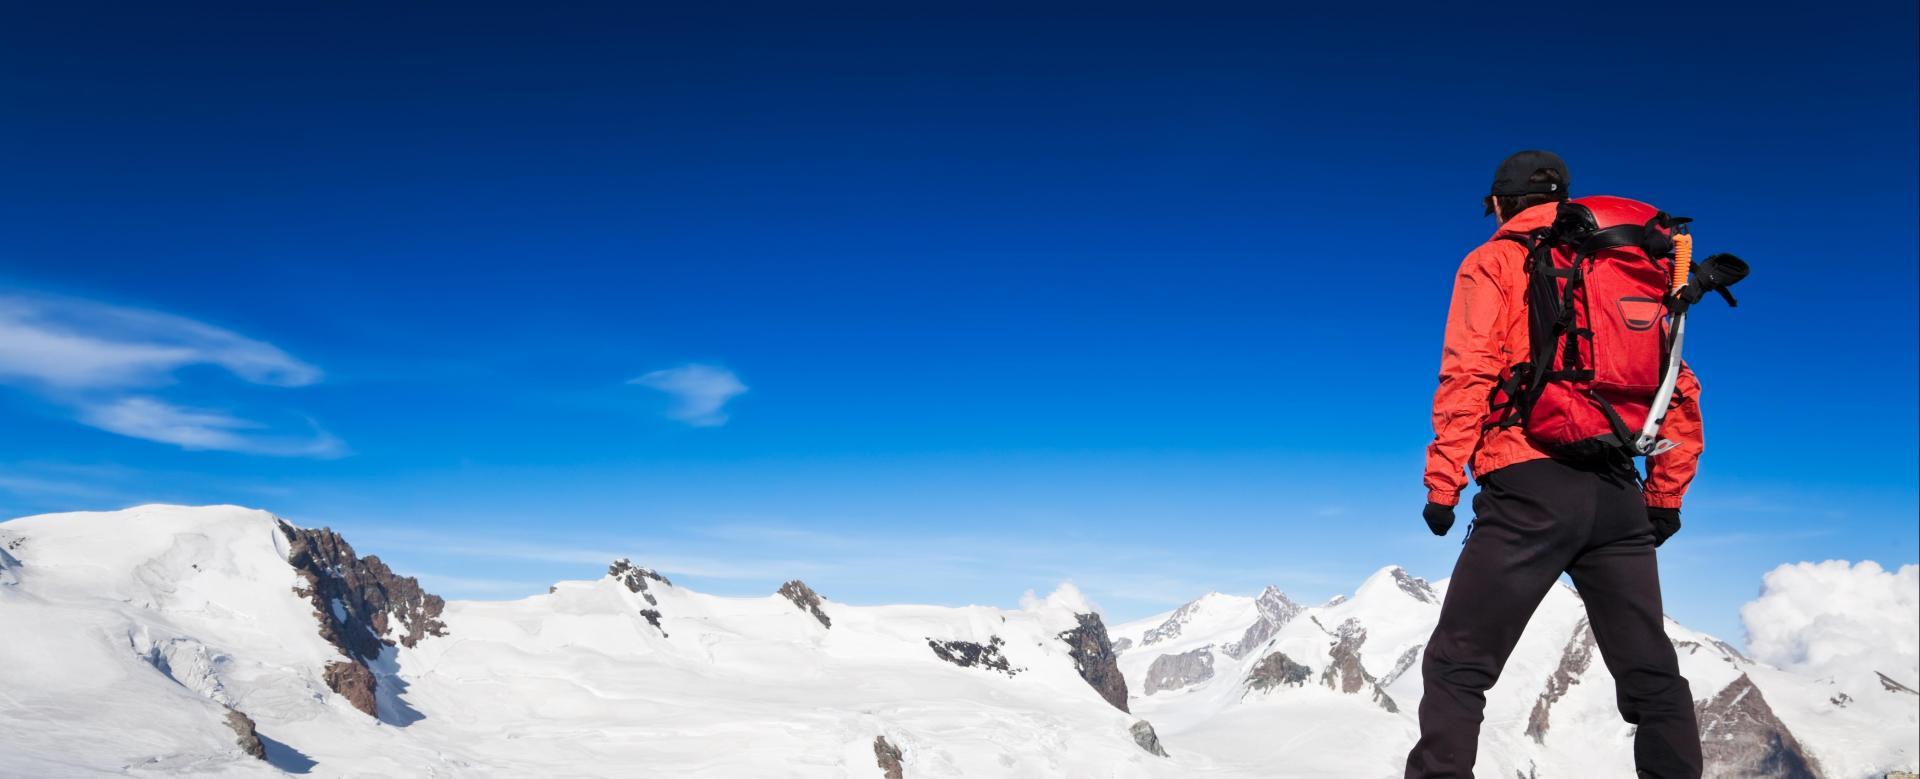 Voyage à pied : Des sentiers walser au mont-rose